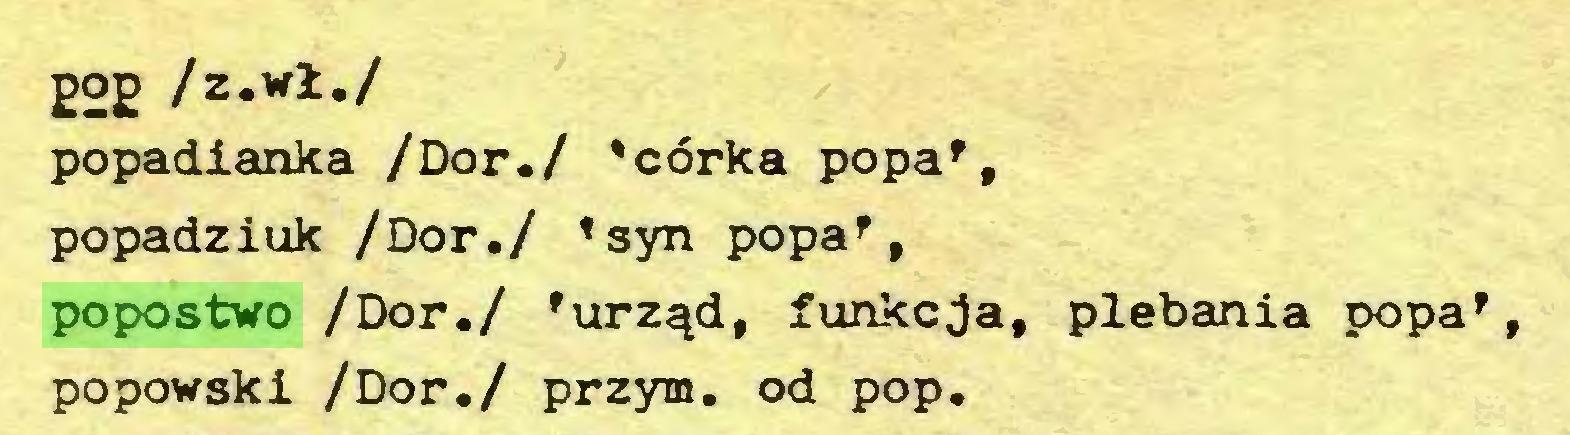 (...) £Og /z.wł./ popadianka /Dor,/ 'córka popaff popadziuk /Dor./ 'syn popa', popostwo /Dor./ 'urząd, funkcja, plebania popa', popowski /Dor./ przym. od pop...